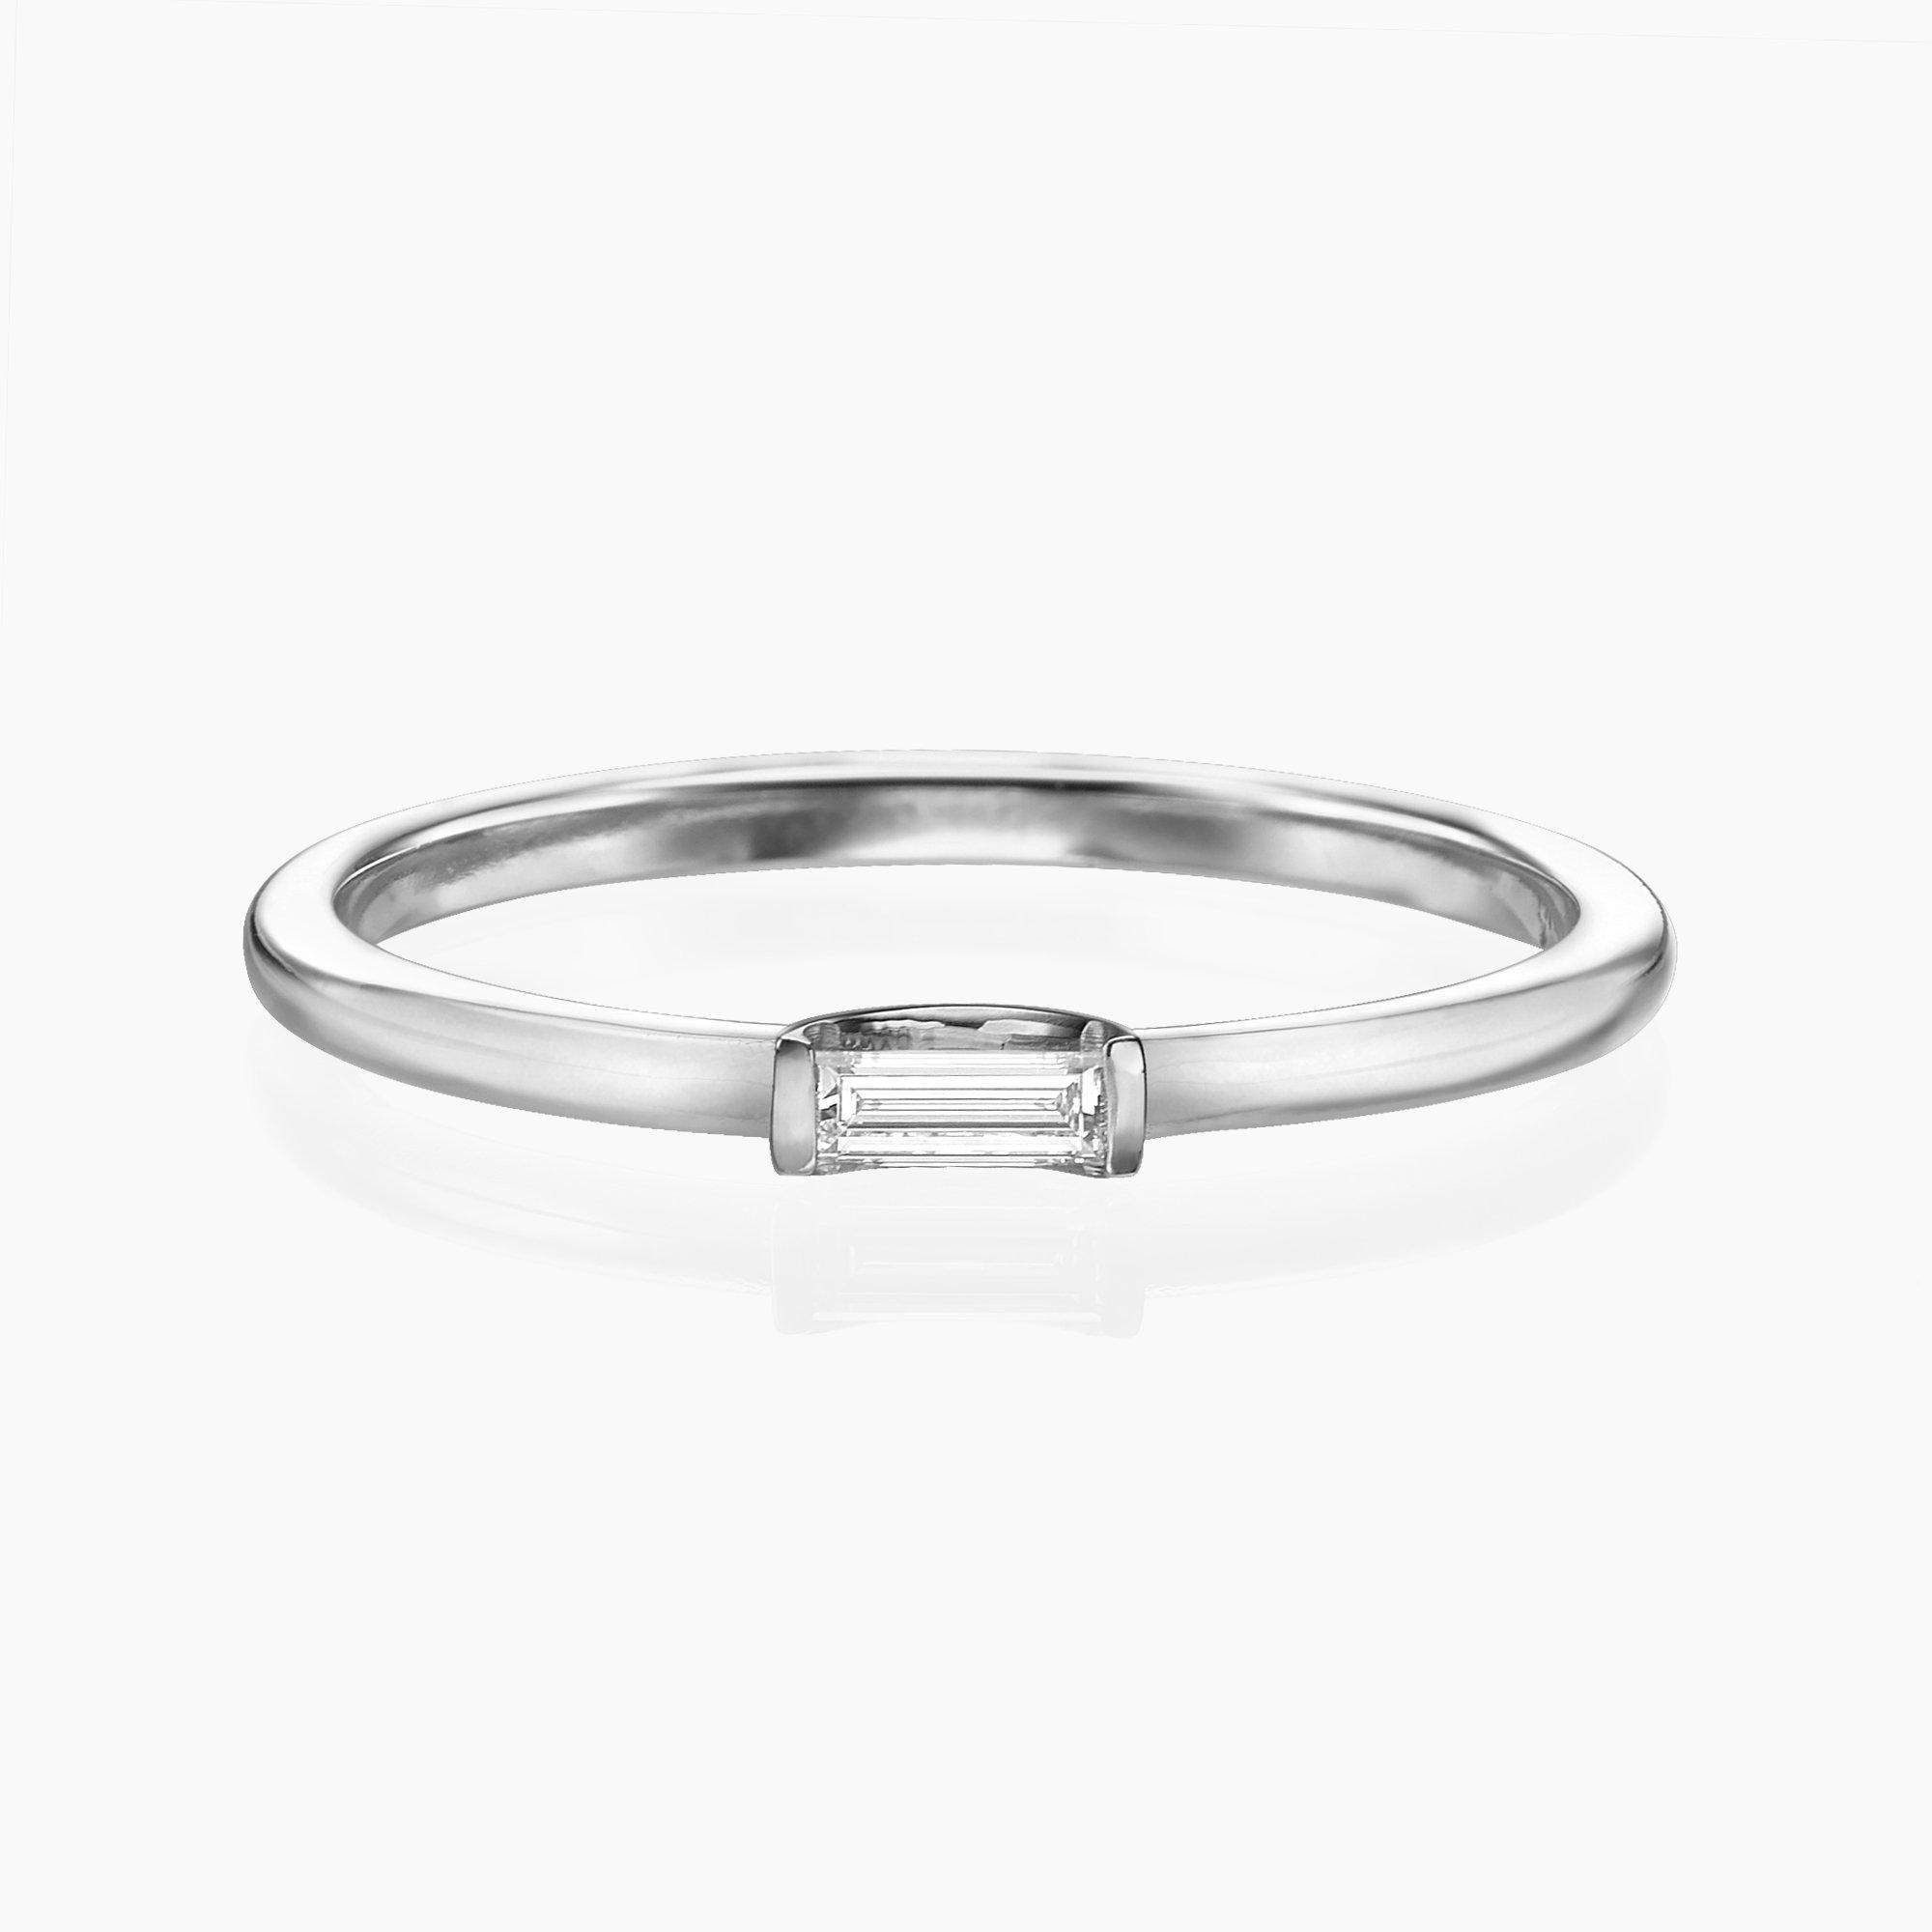 Single Baguette Diamond Ring